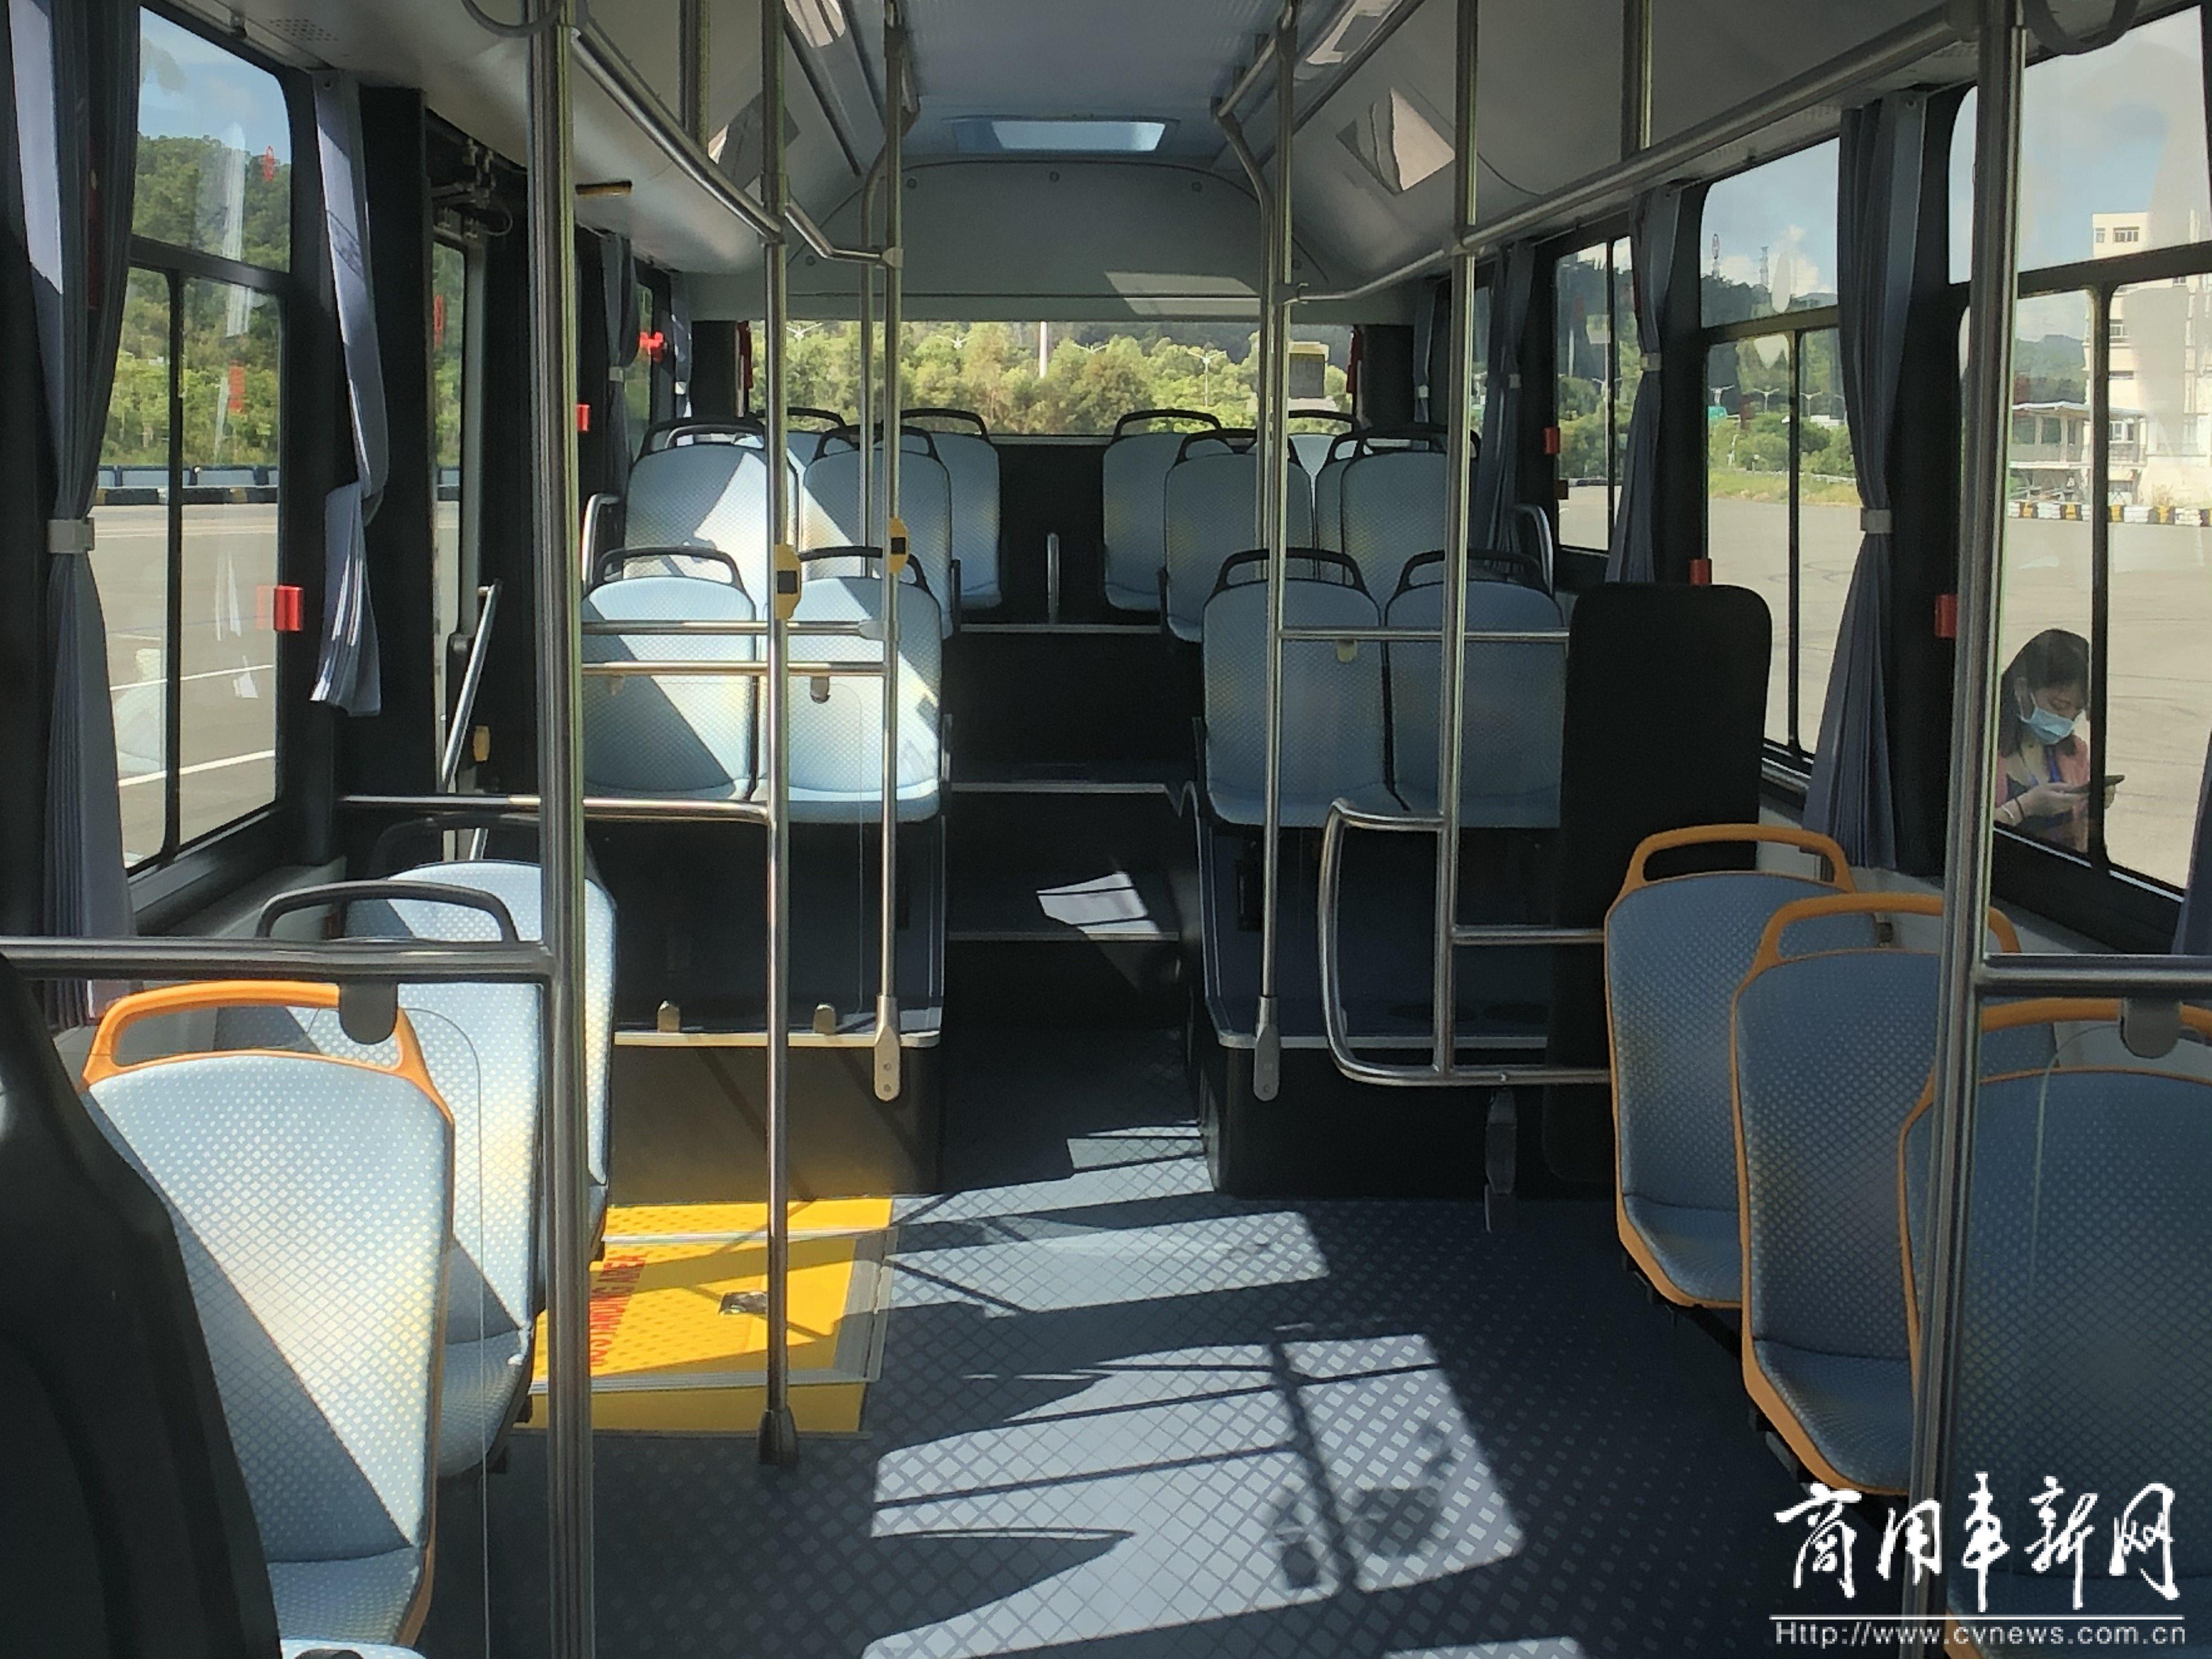 评测|客车审美将走向何处?比亚迪全新一代客车产品赏析